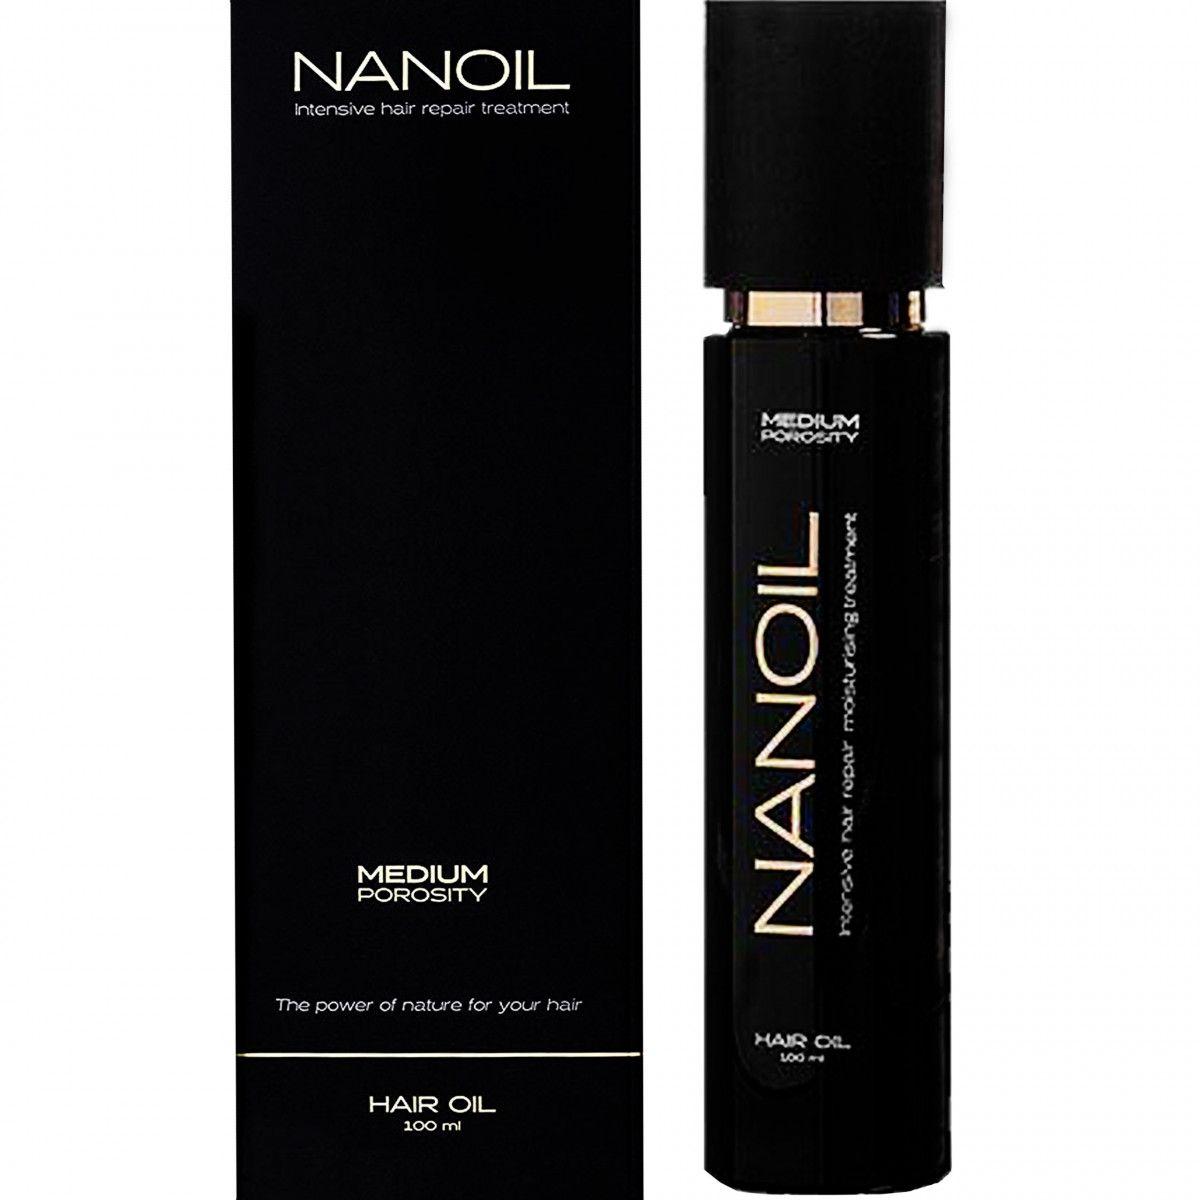 Nanoil Medium Porosity, olejek do włosów średnioporowatych, osłabionych i matowych 100ml